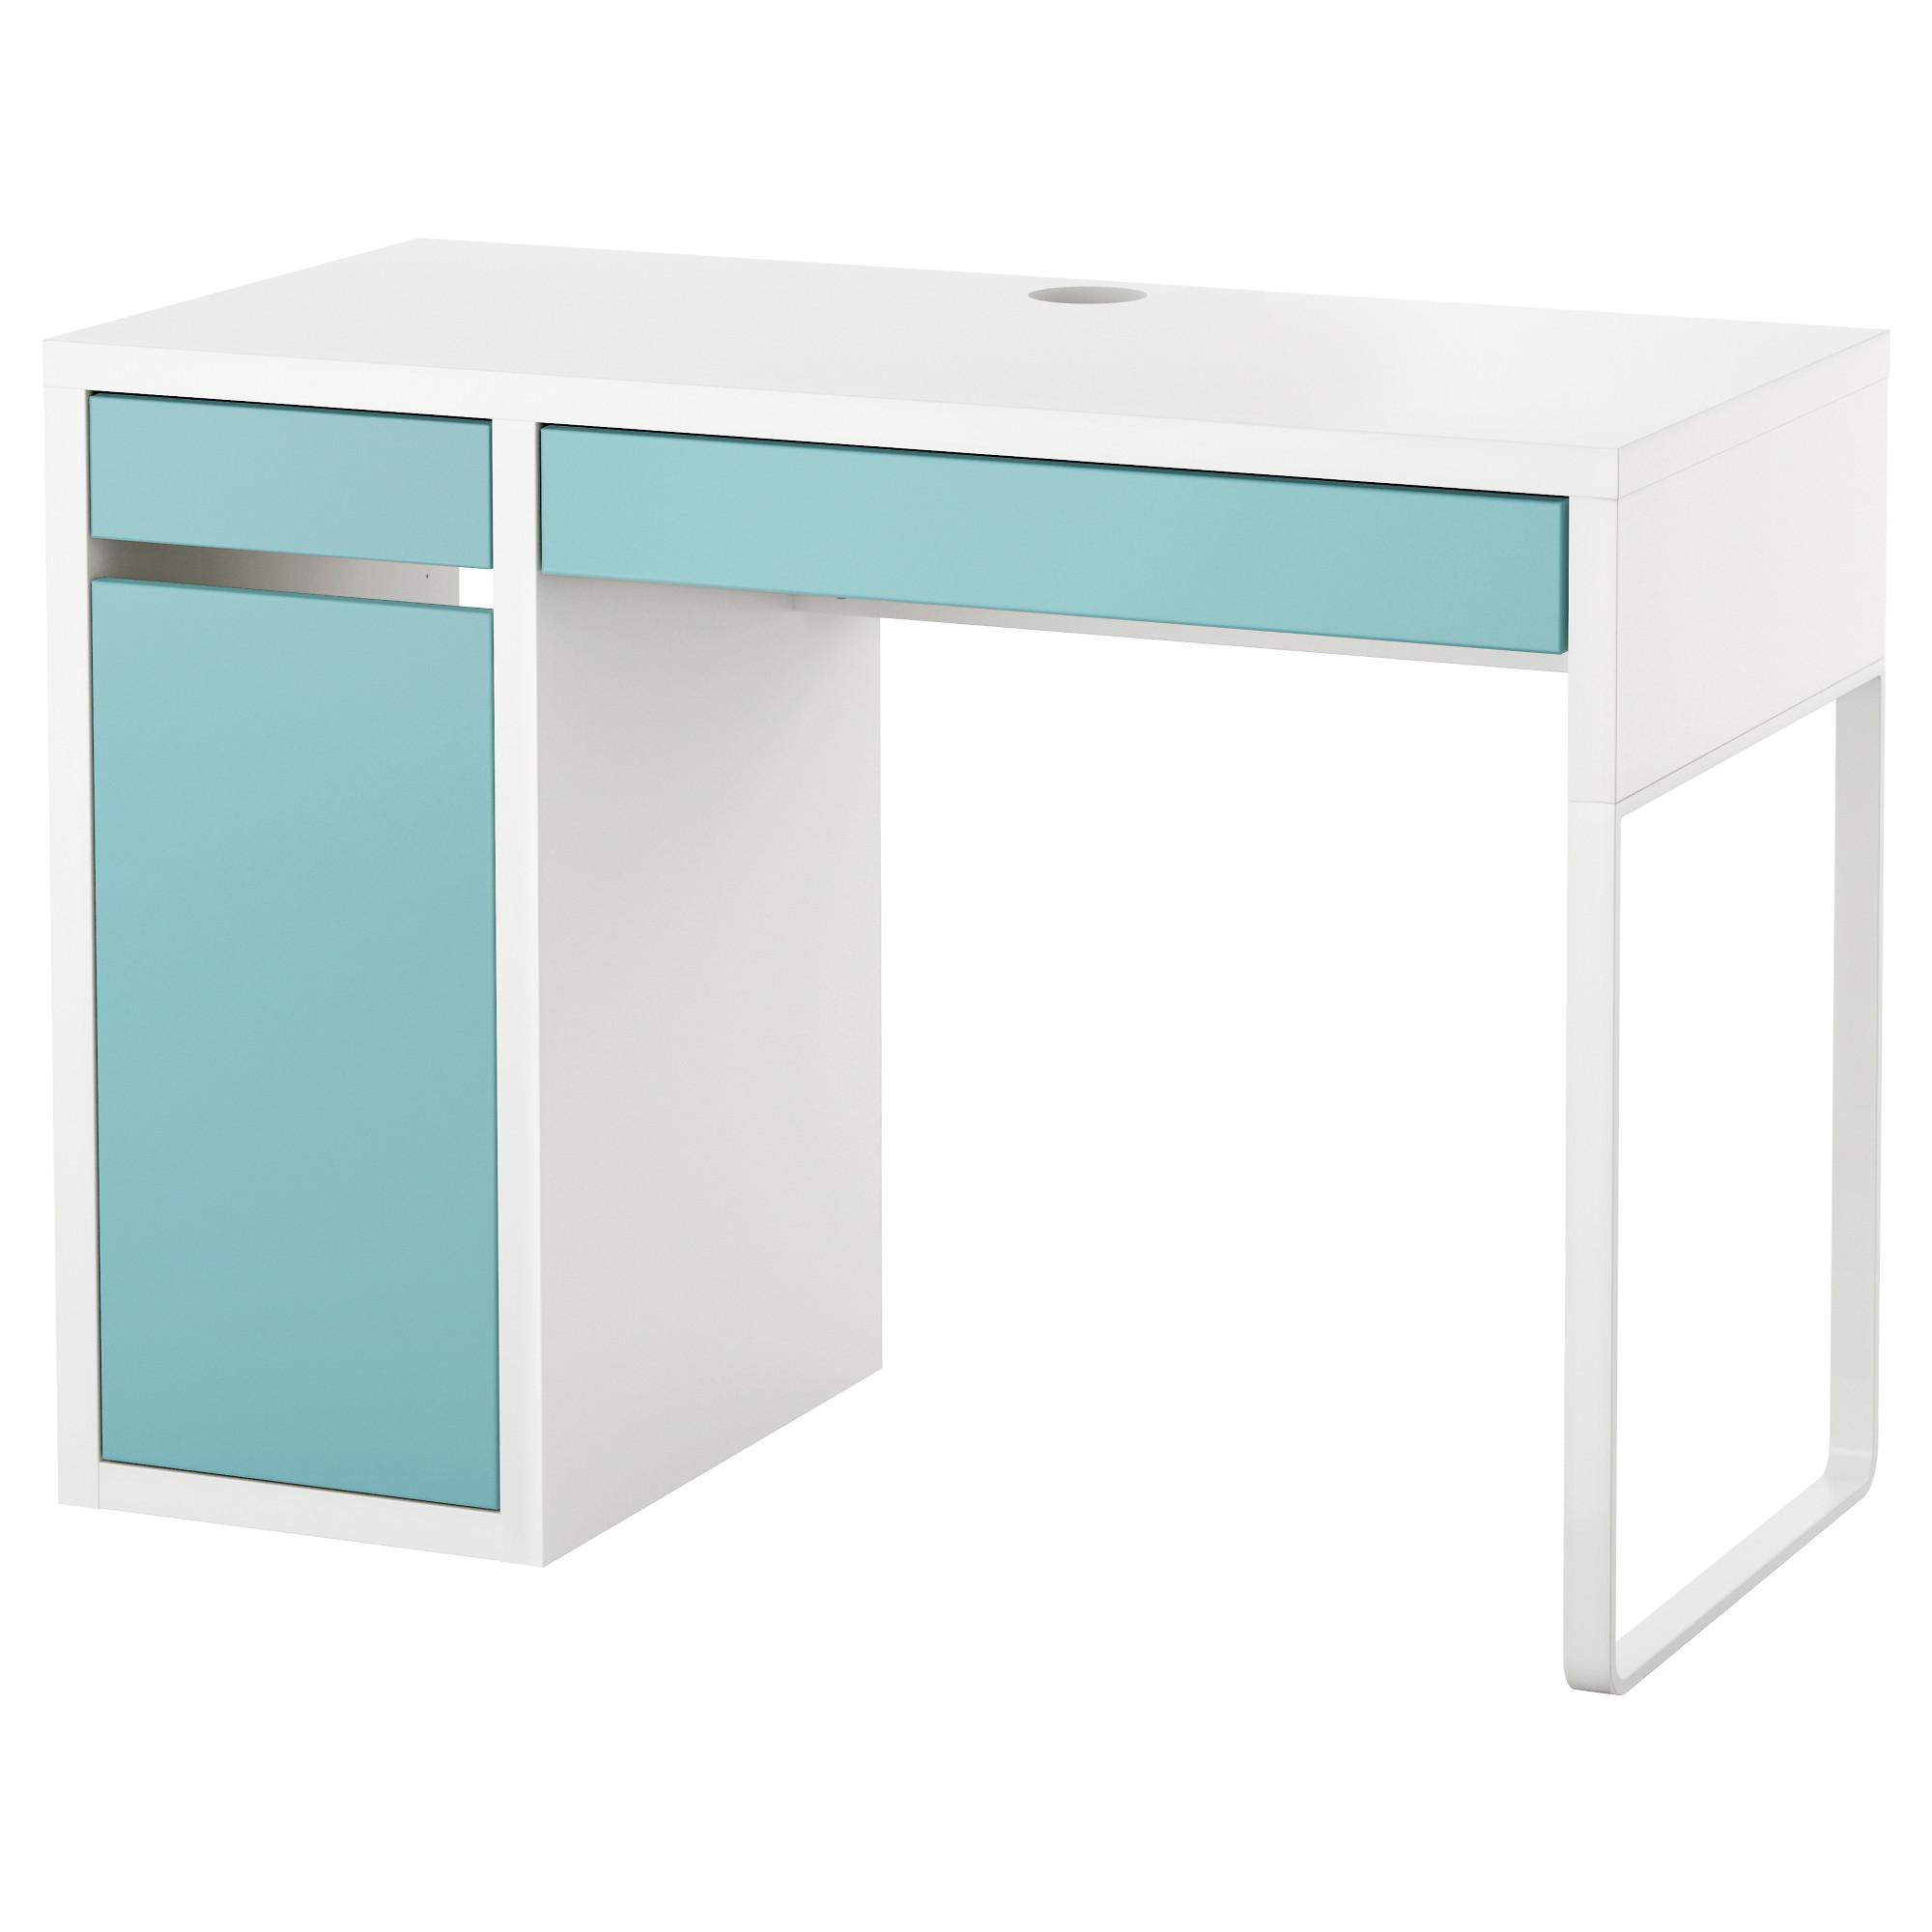 書桌/工作桌, , 白色/淺土耳其藍, 另有其他顏色